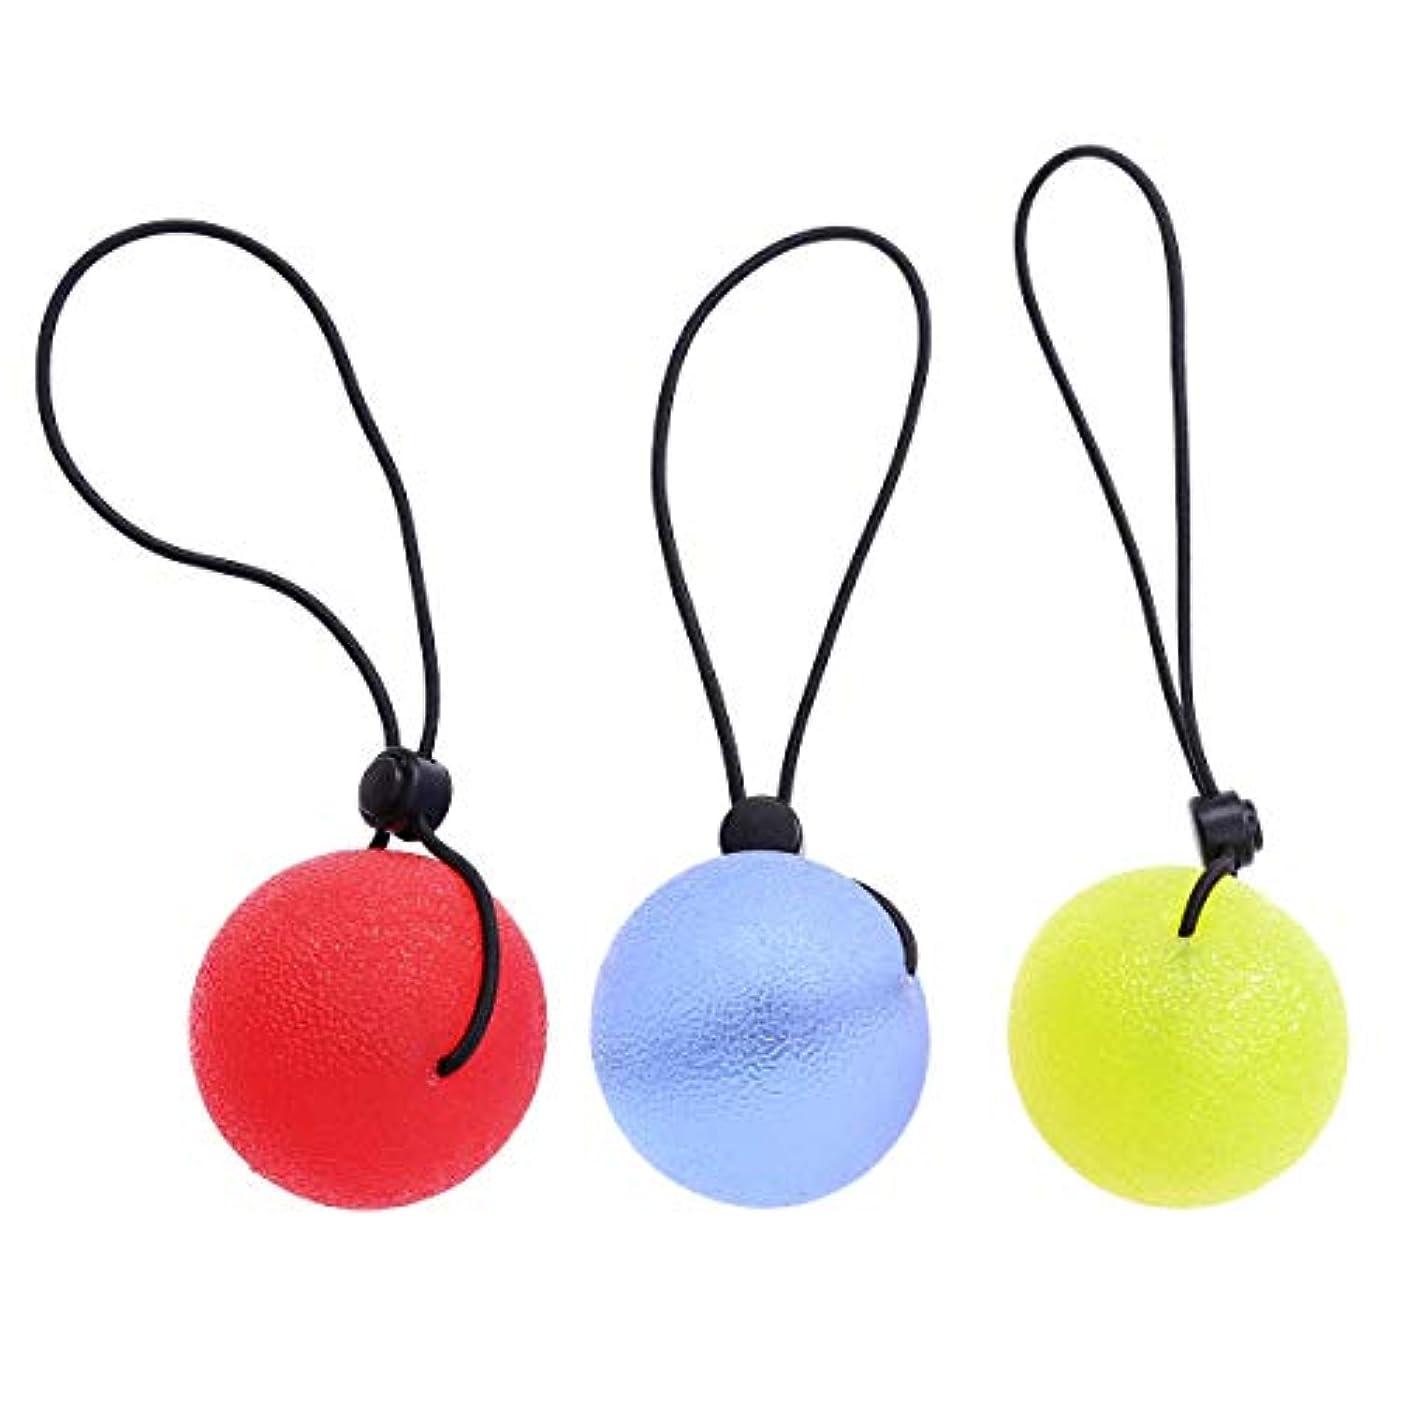 愛されし者マグ尽きるSUPVOX 3個シリコーングリップボールハンドエクササイズボールハンドセラピー強化剤トレーナー